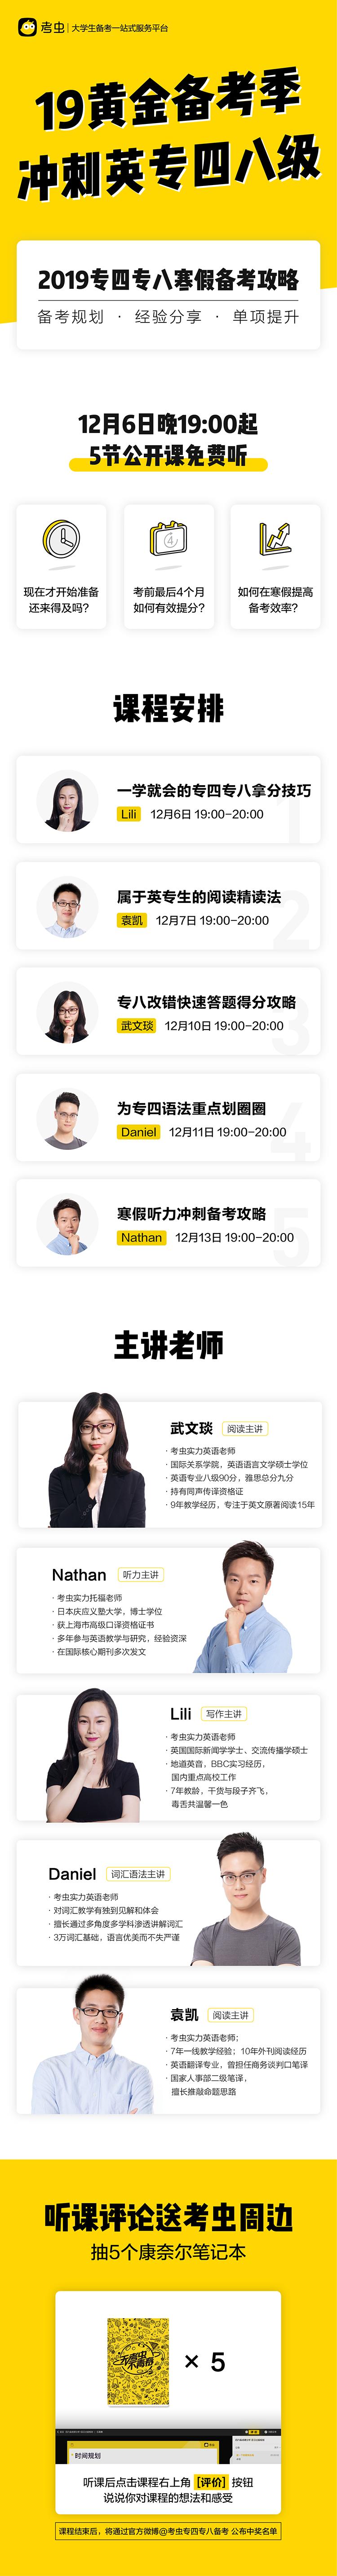 2019专四专八寒假备考攻略_详情页.png